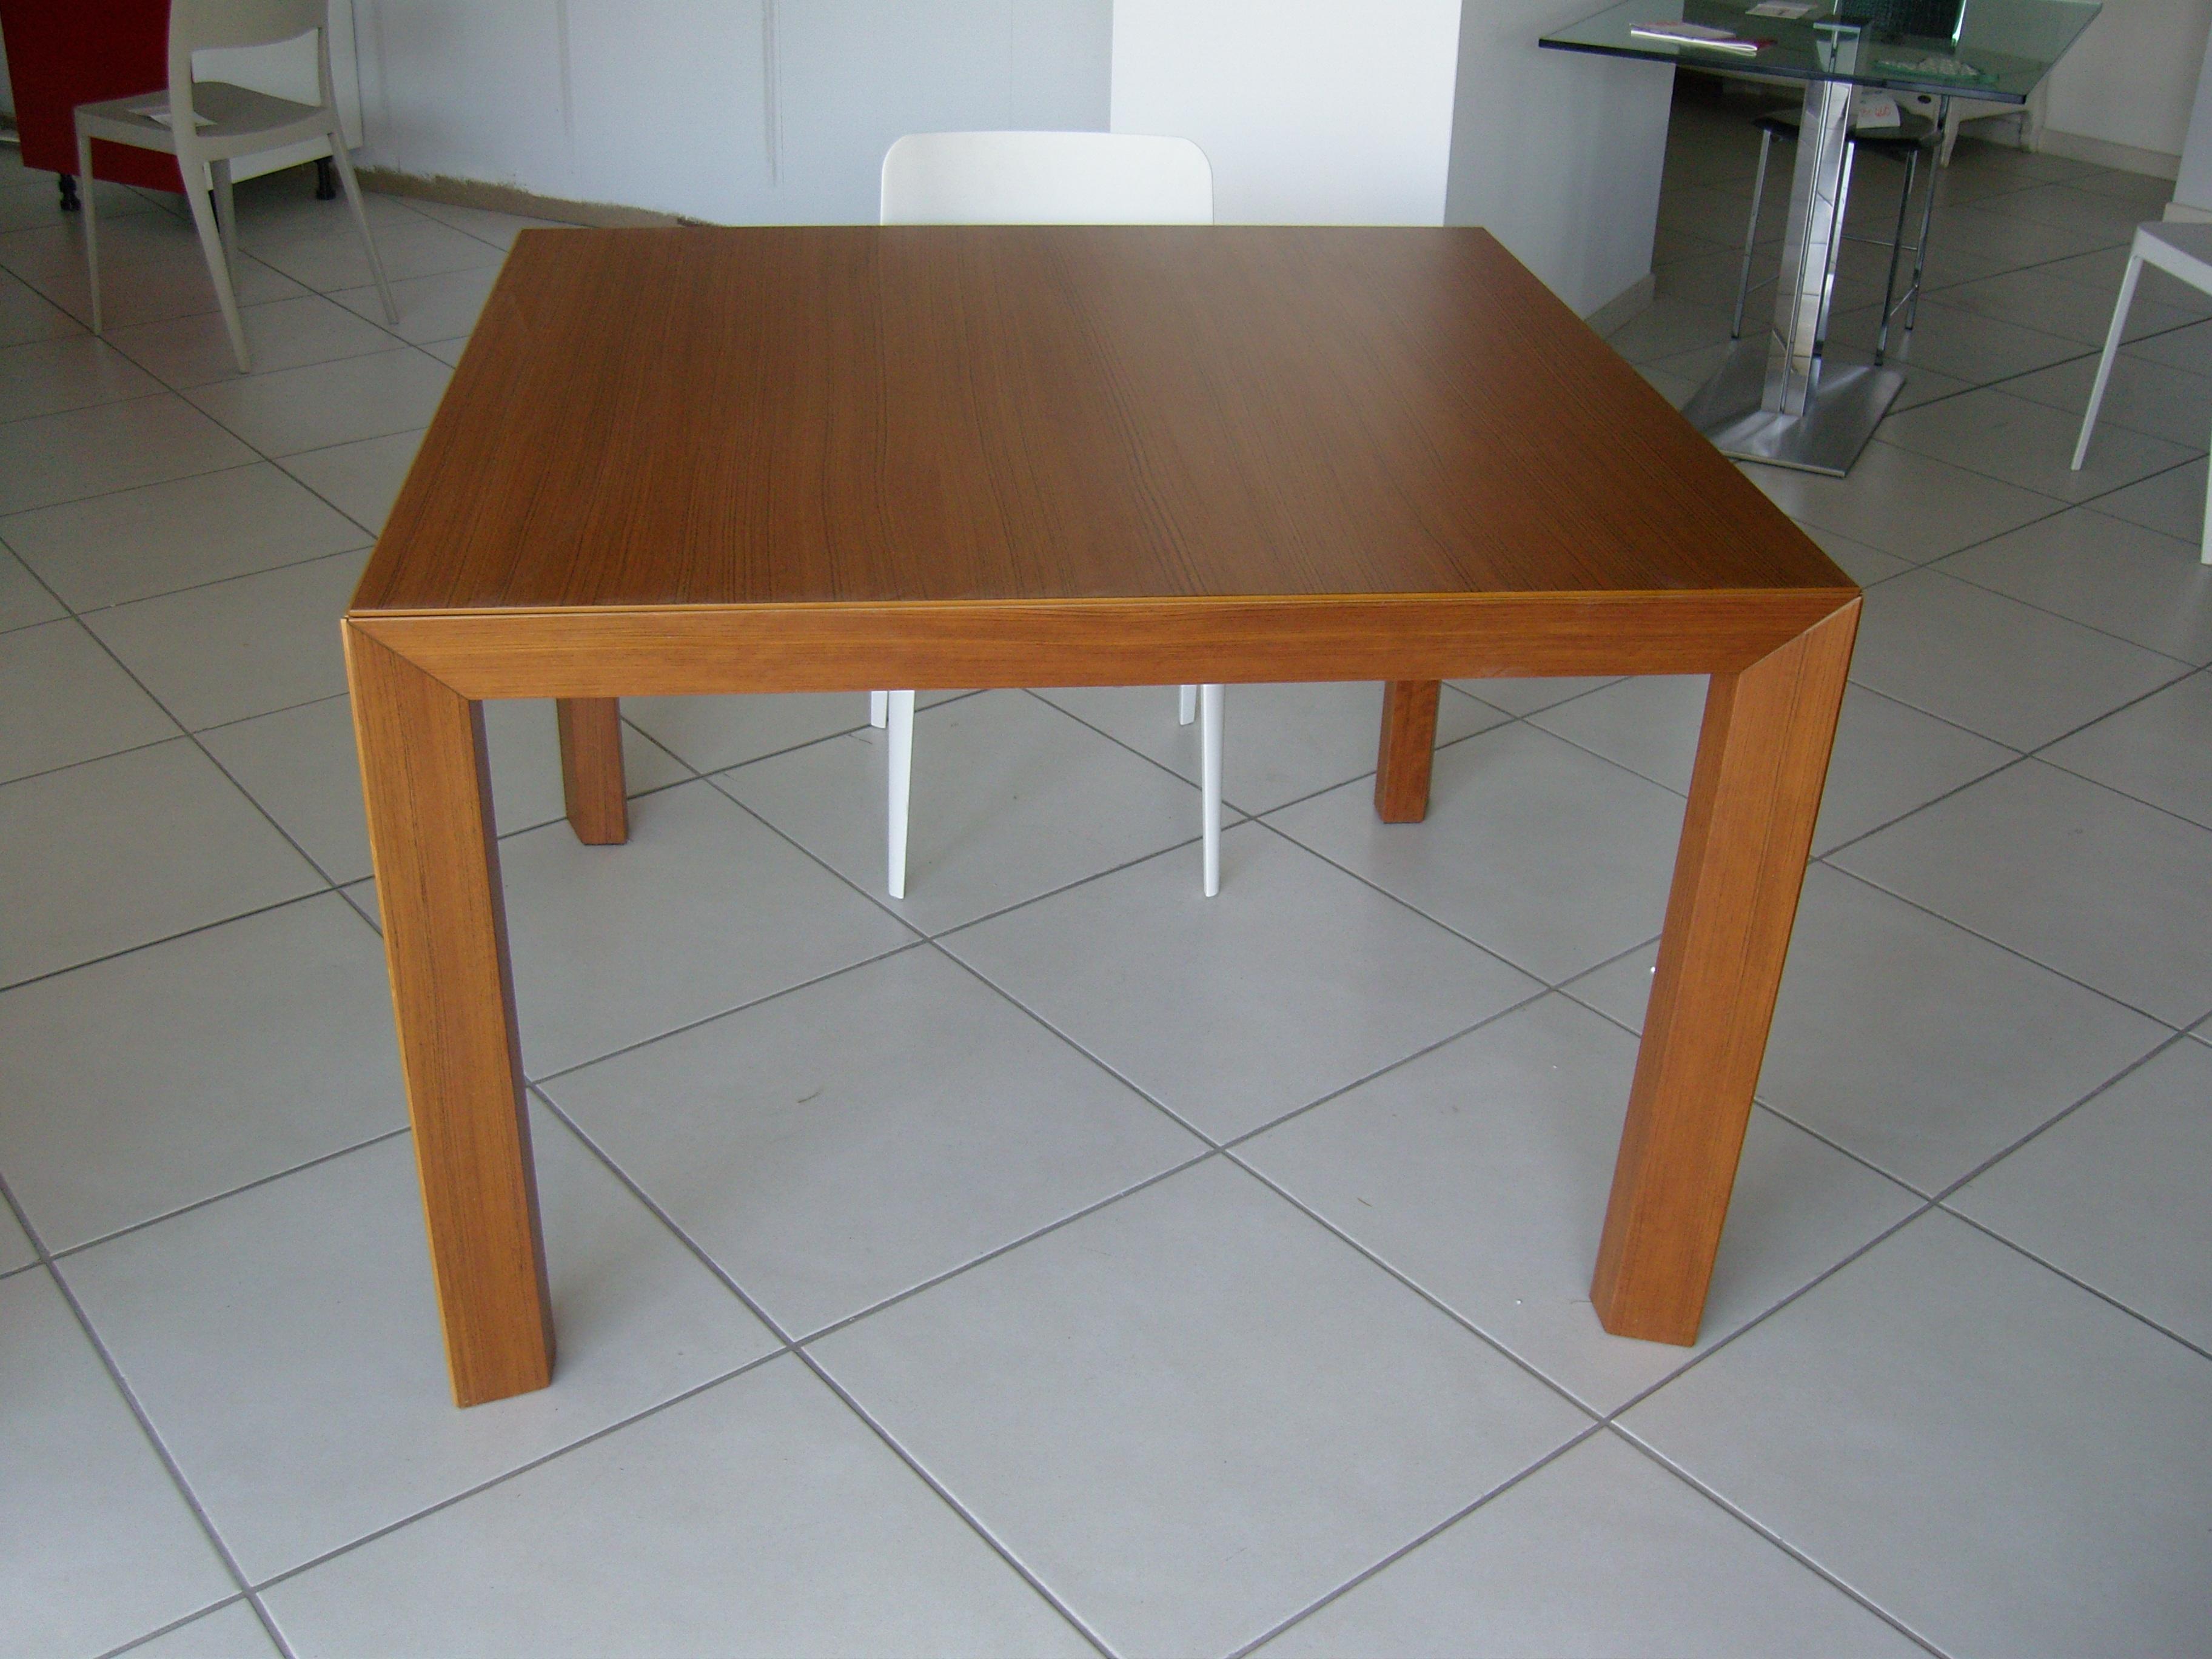 Offerta tavolo pianca 14617 tavoli a prezzi scontati for Tavolo quadrato calligaris